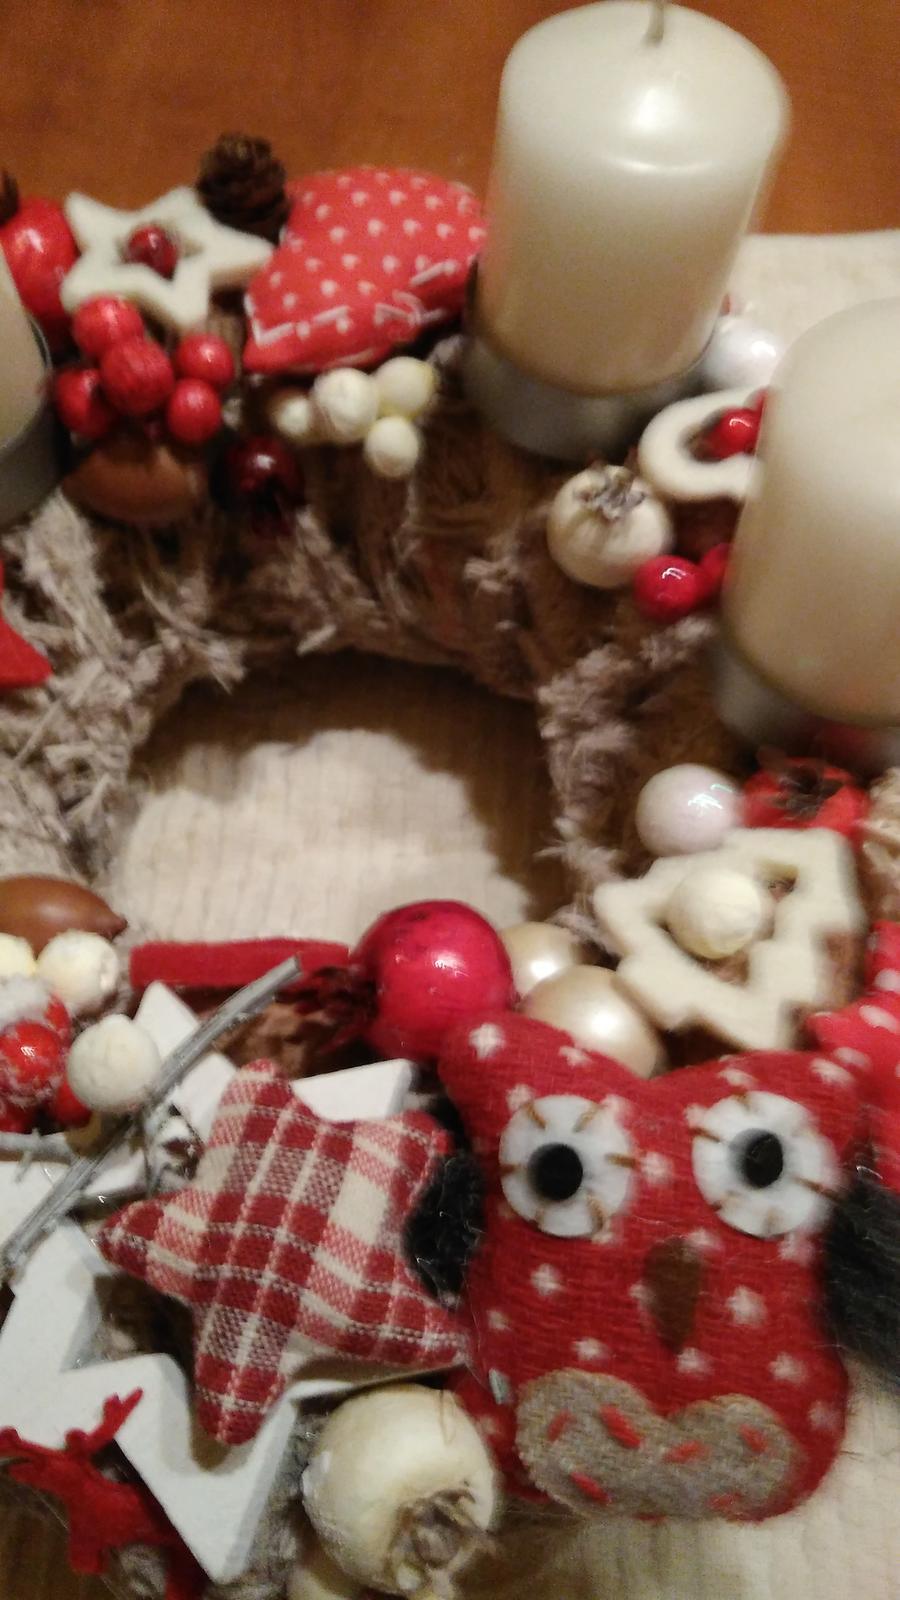 Vianočná dekorácia - Obrázok č. 3